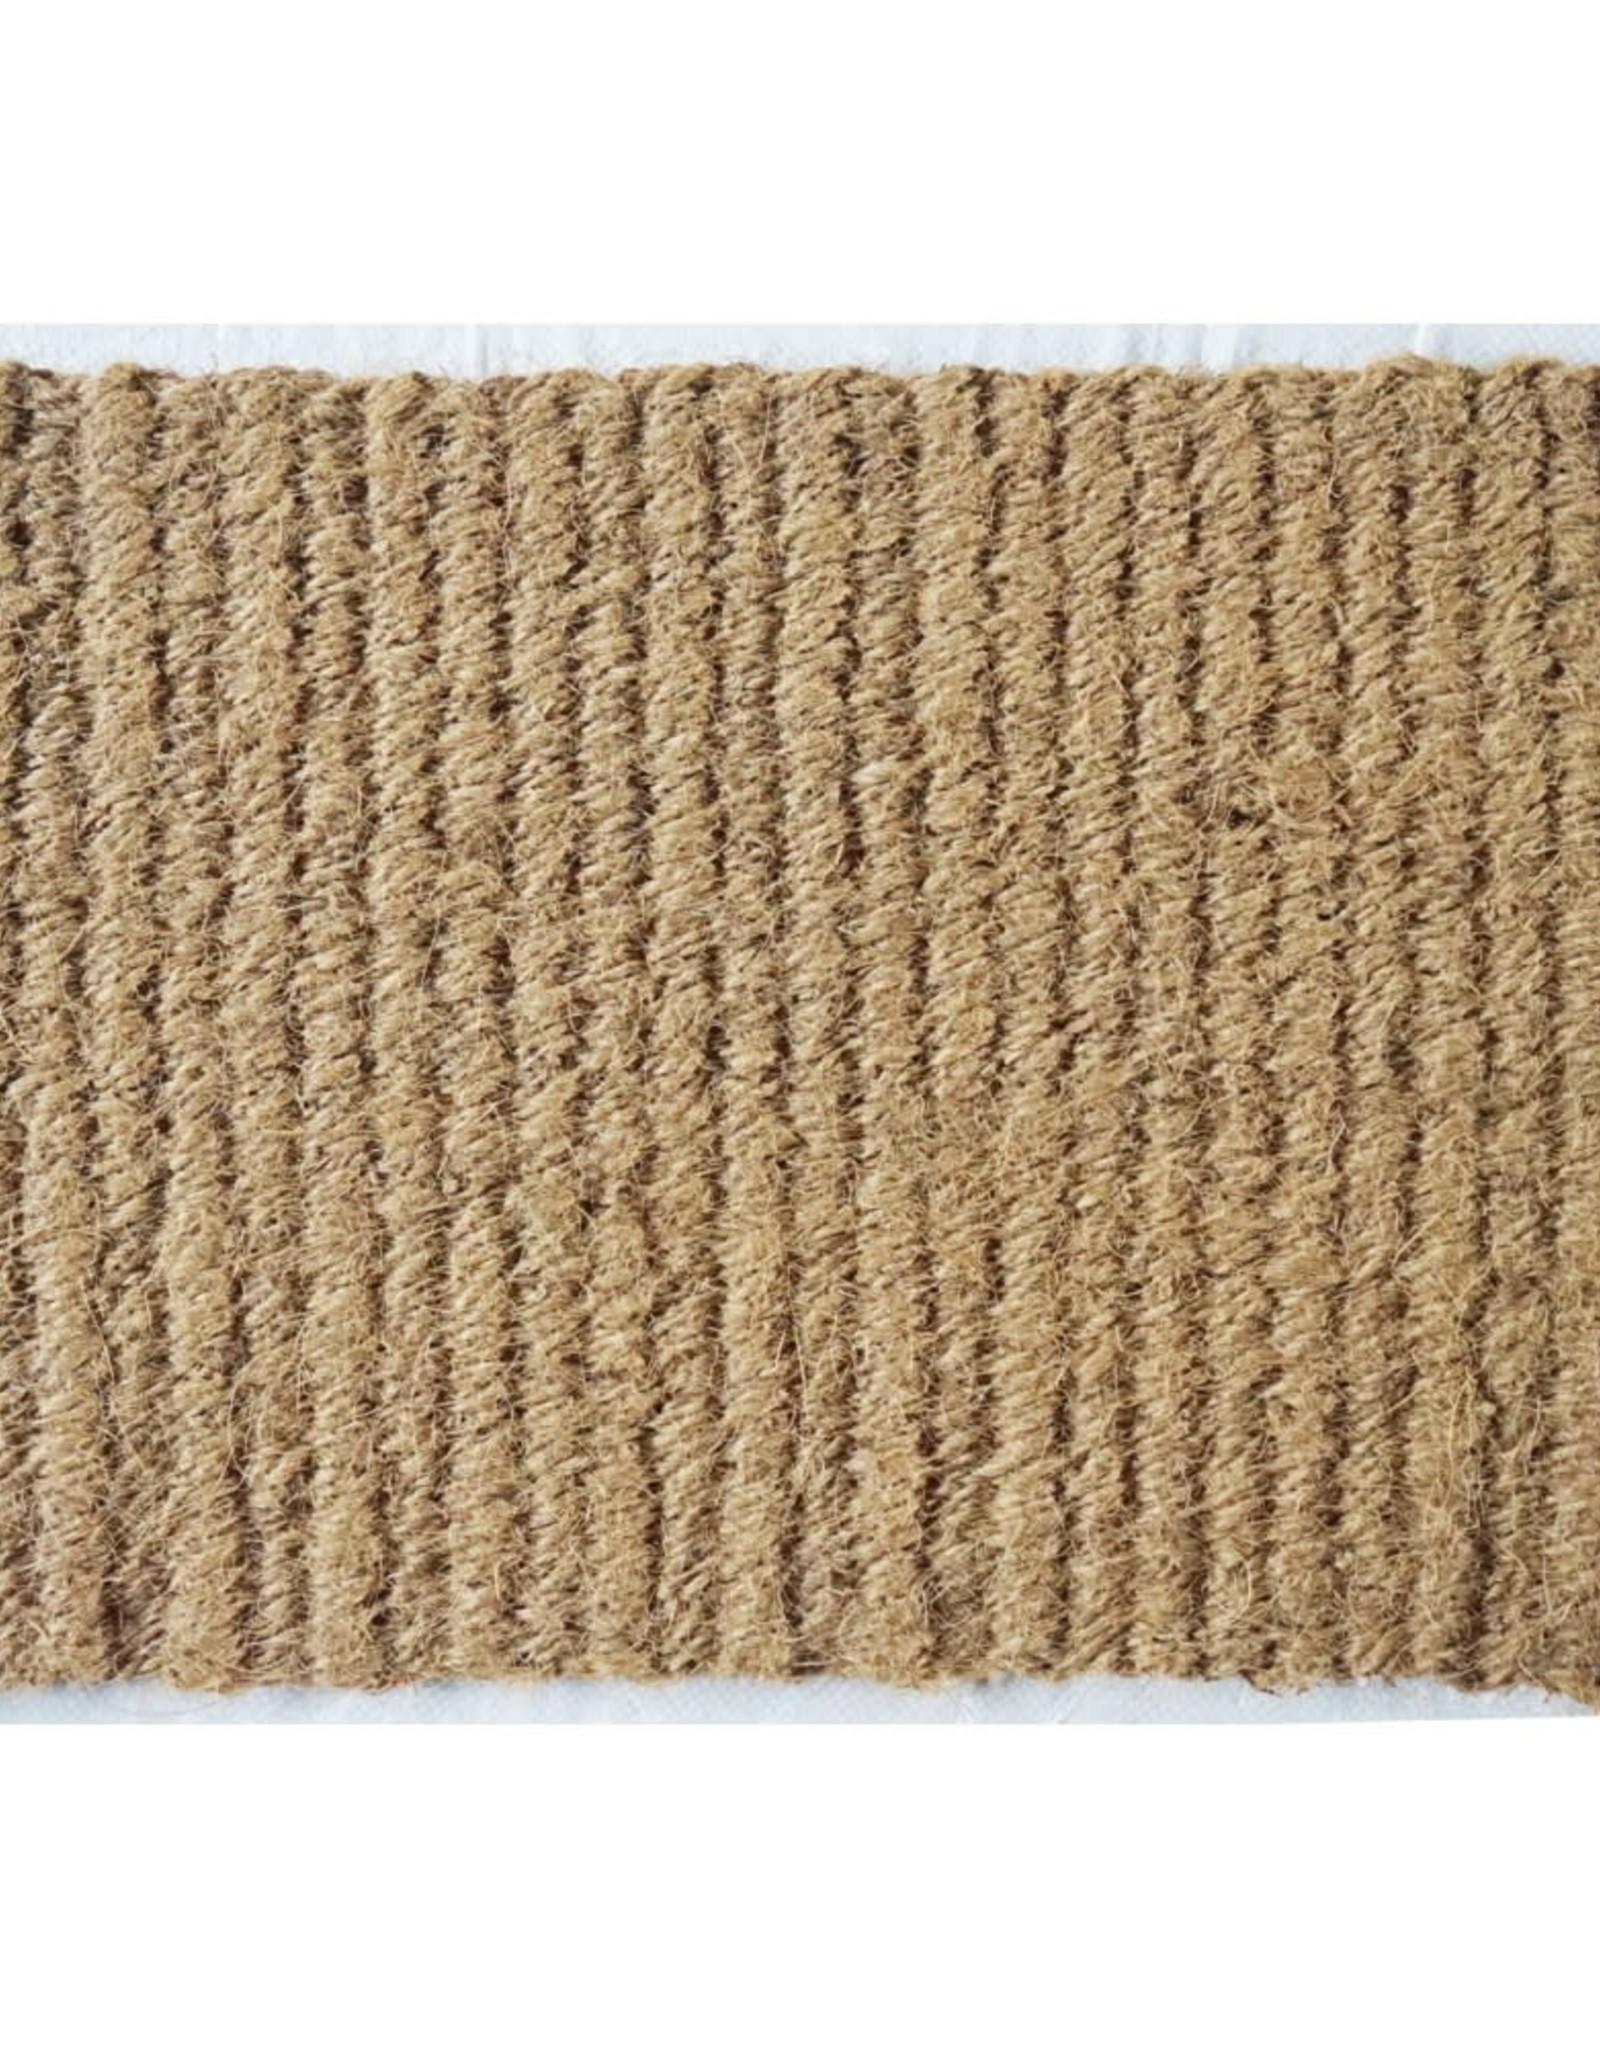 Natural Coir Doormat